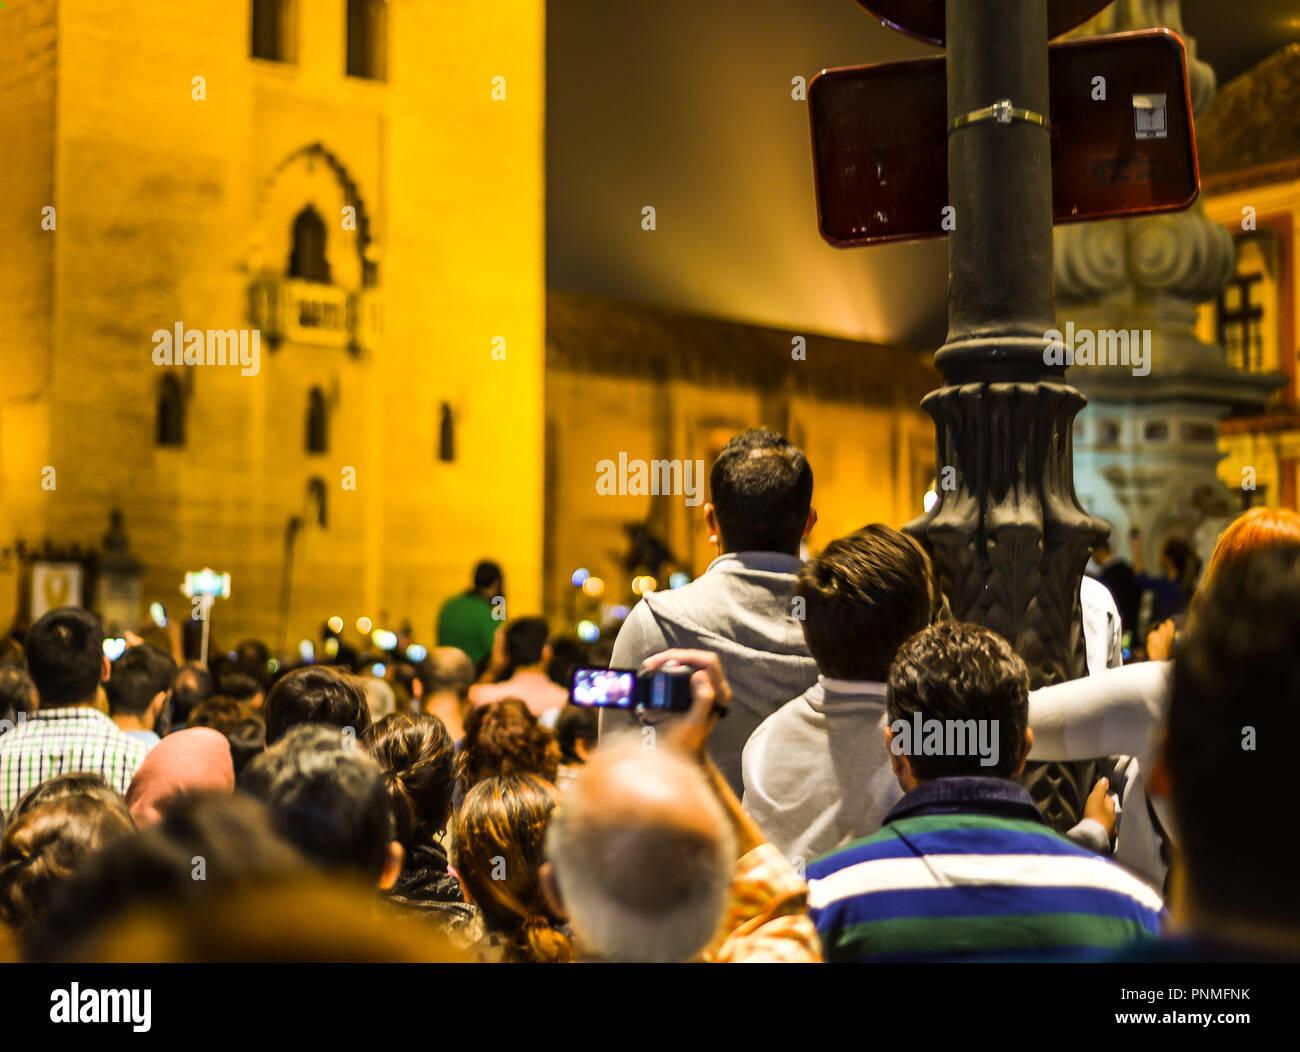 Séville/Espagne - 10/13/16 - un événement religieux dans la nuit Photo Stock